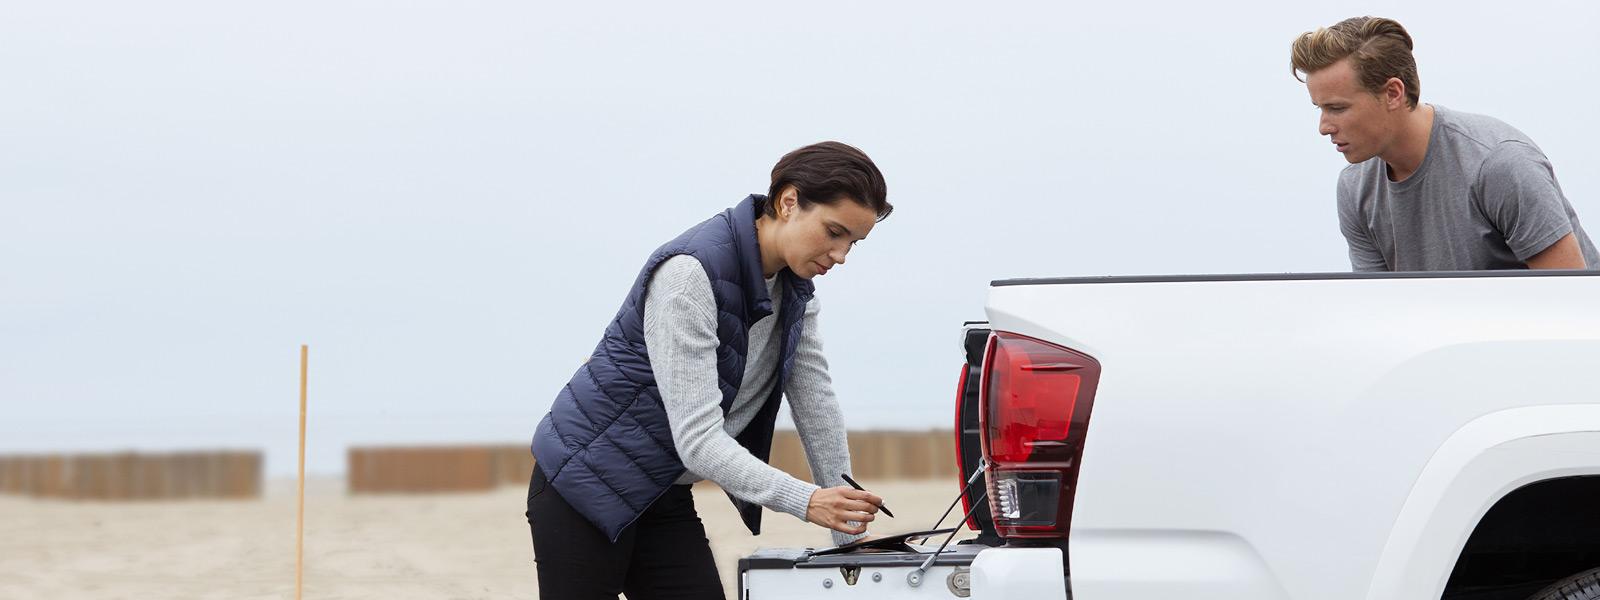 一名男子和一名女子站在一辆敞篷小货车旁边操作 Surface Pro X